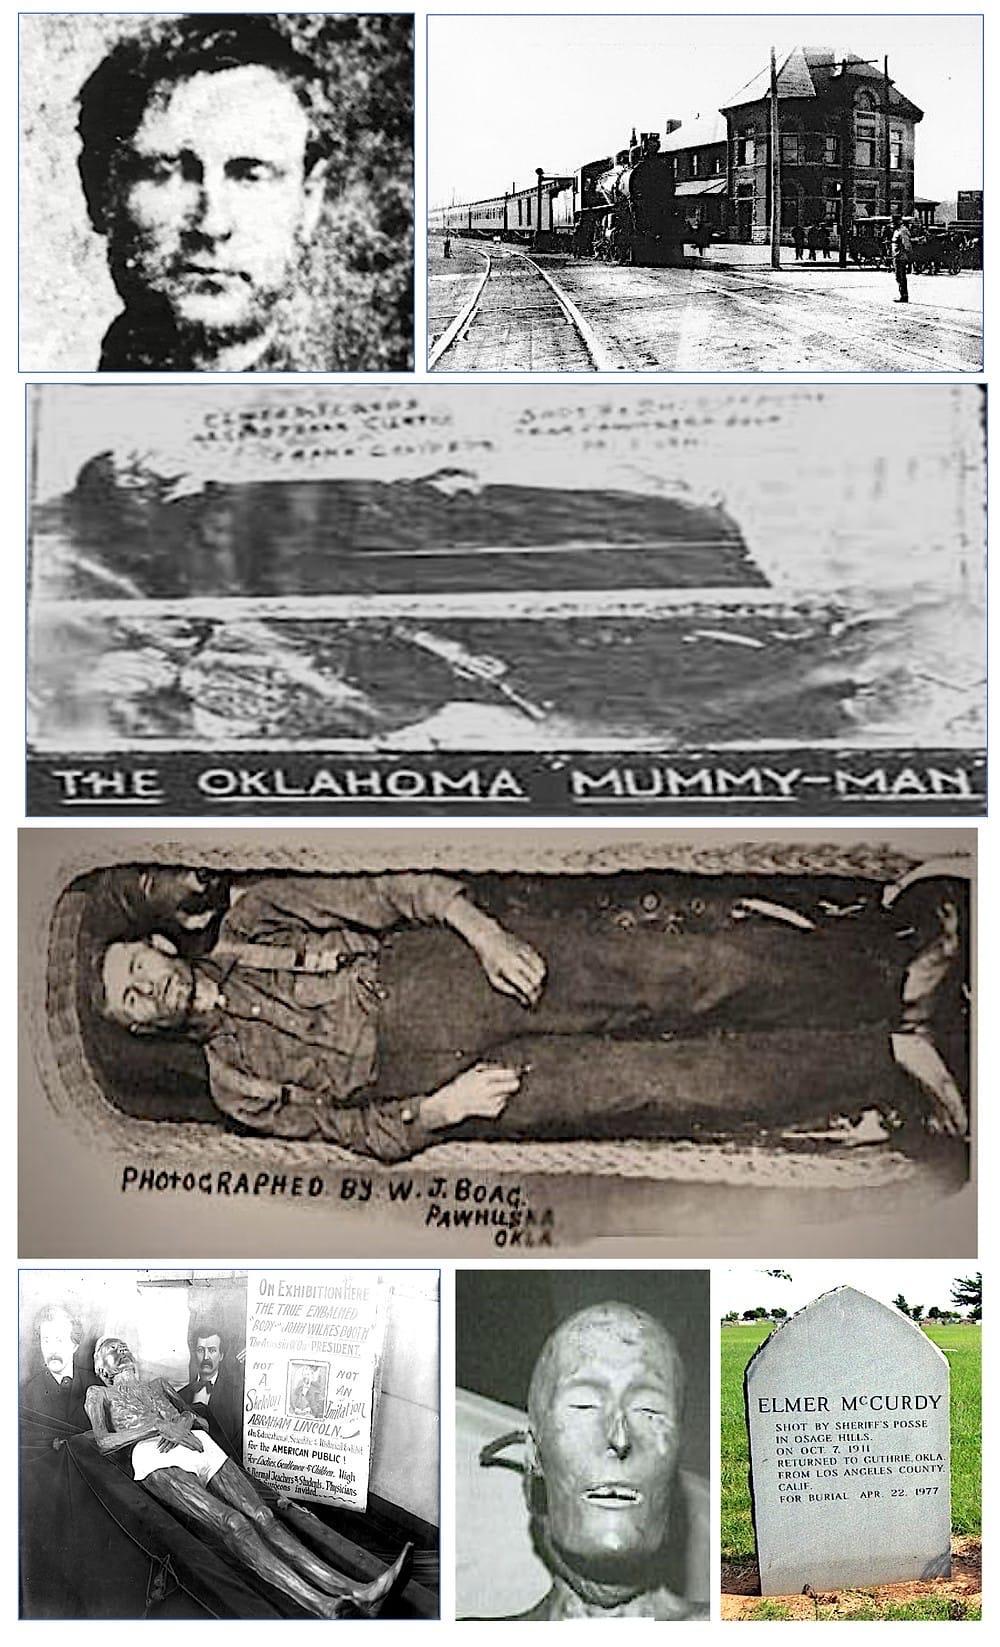 Элмер Маккерди (1880-1911) — американский грабитель, чьё тело было обнаружено спустя 65 лет